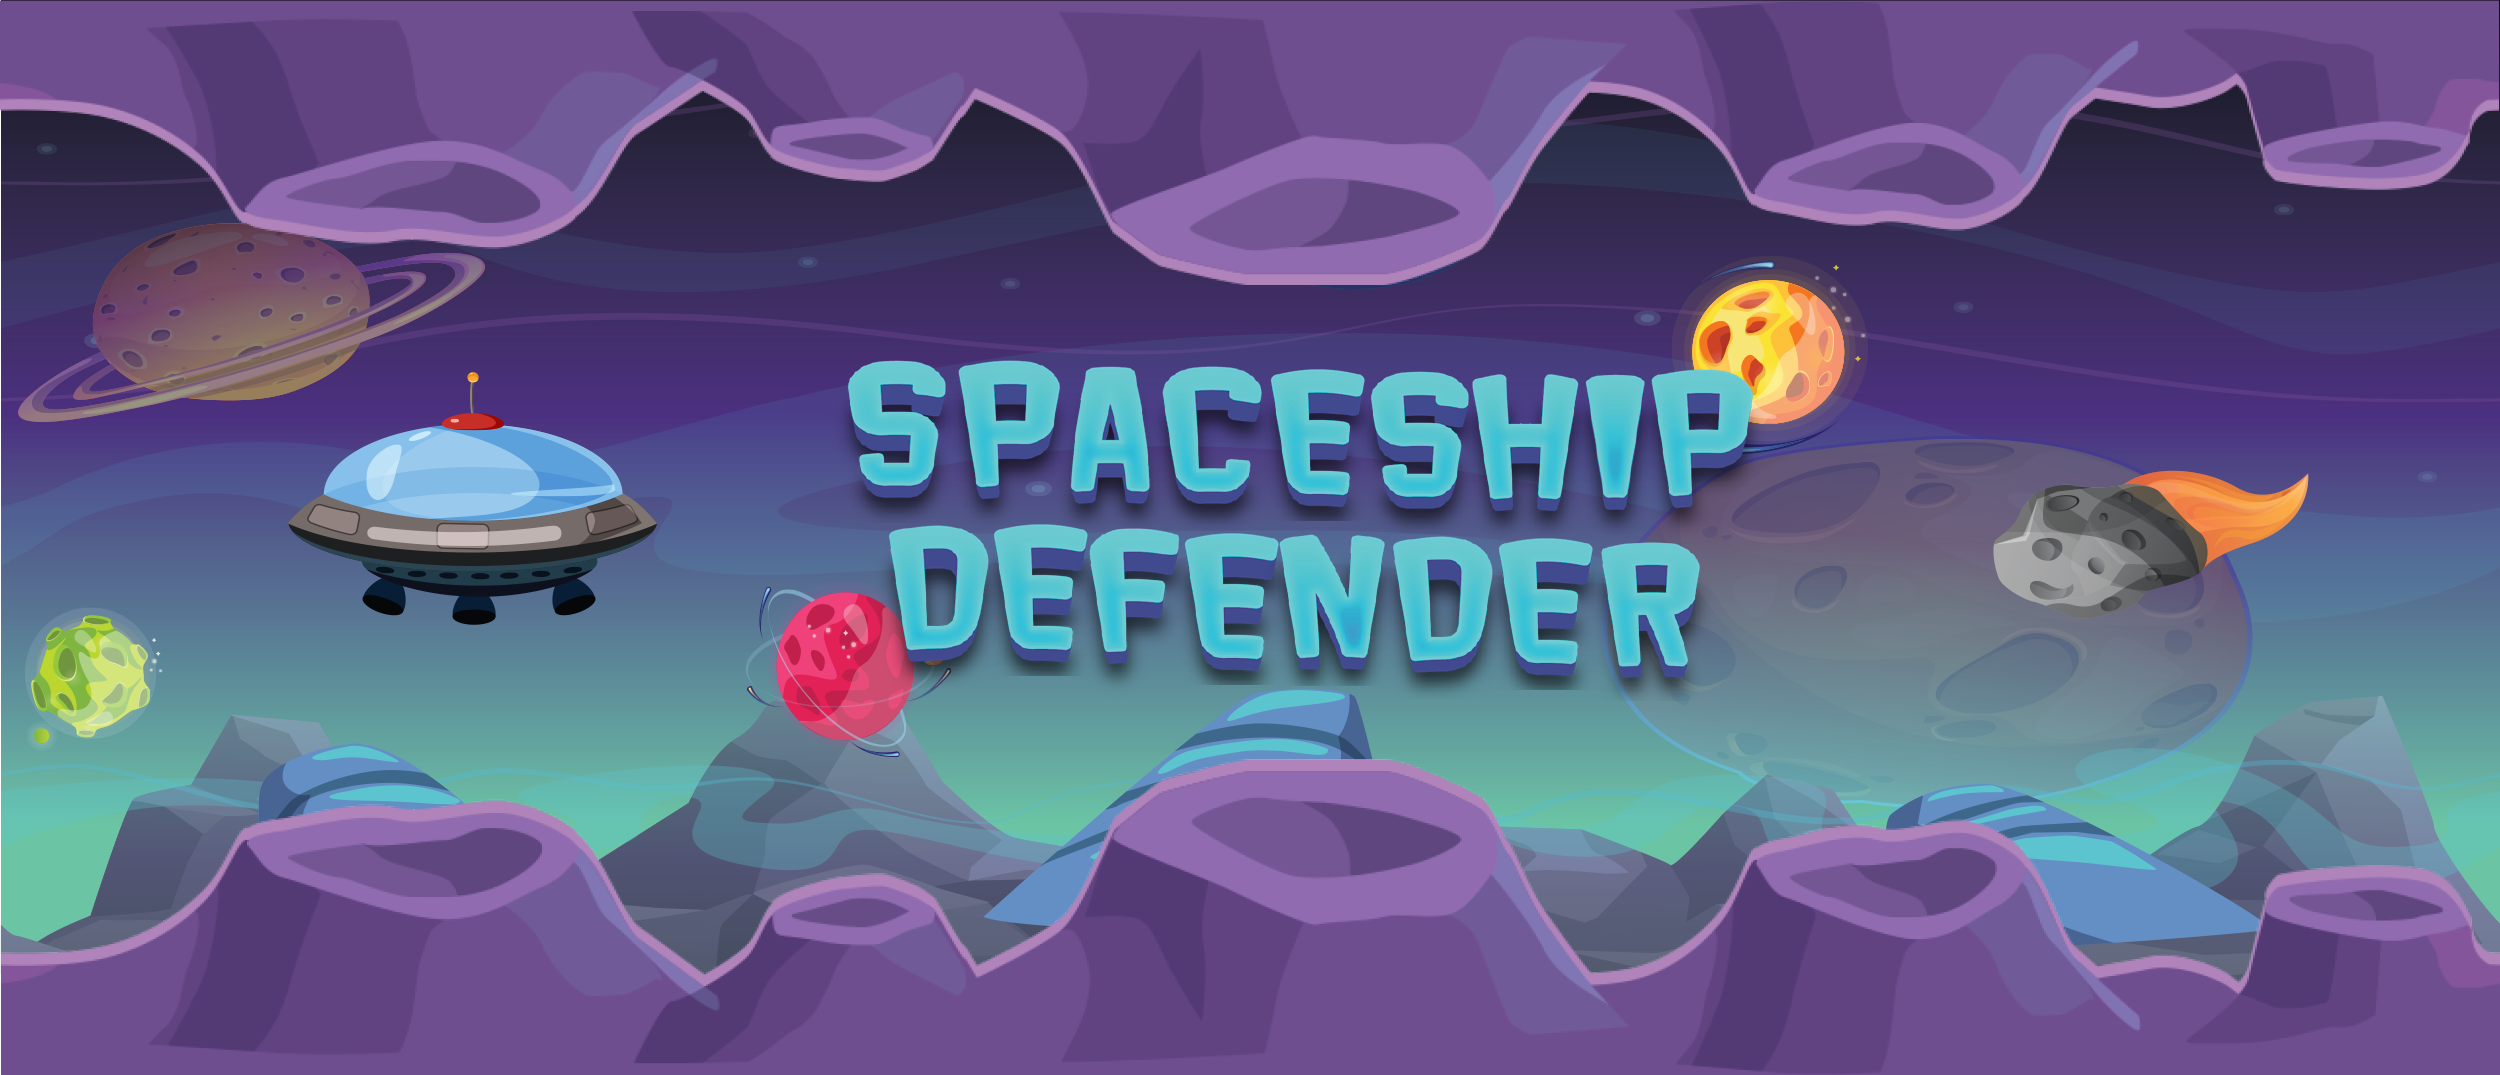 Spaceship Defender